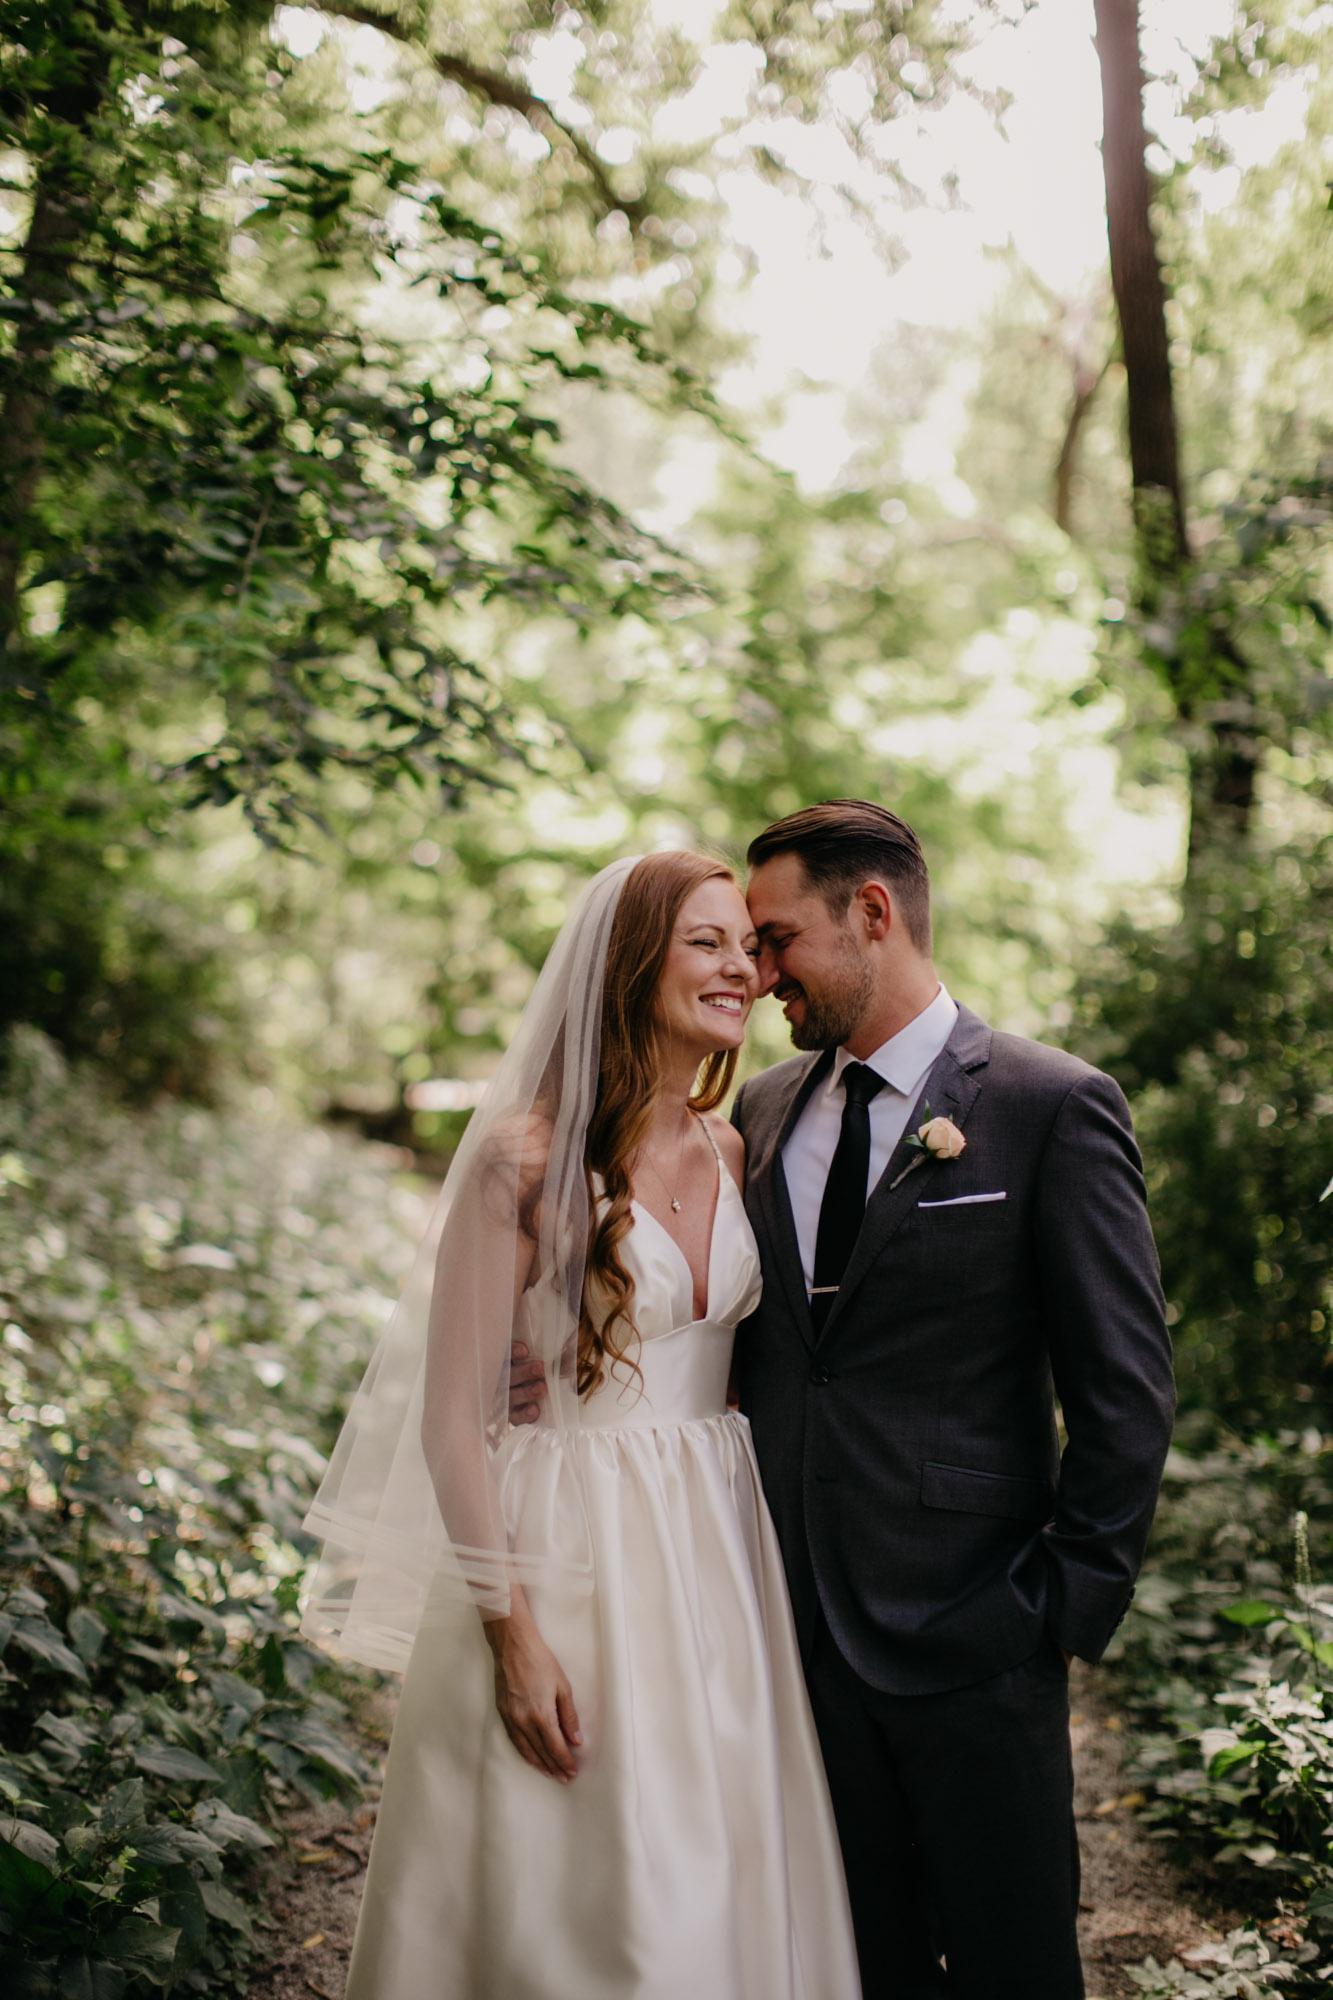 elmwood-park-wedding-photographer-nicole-jon-9.jpg